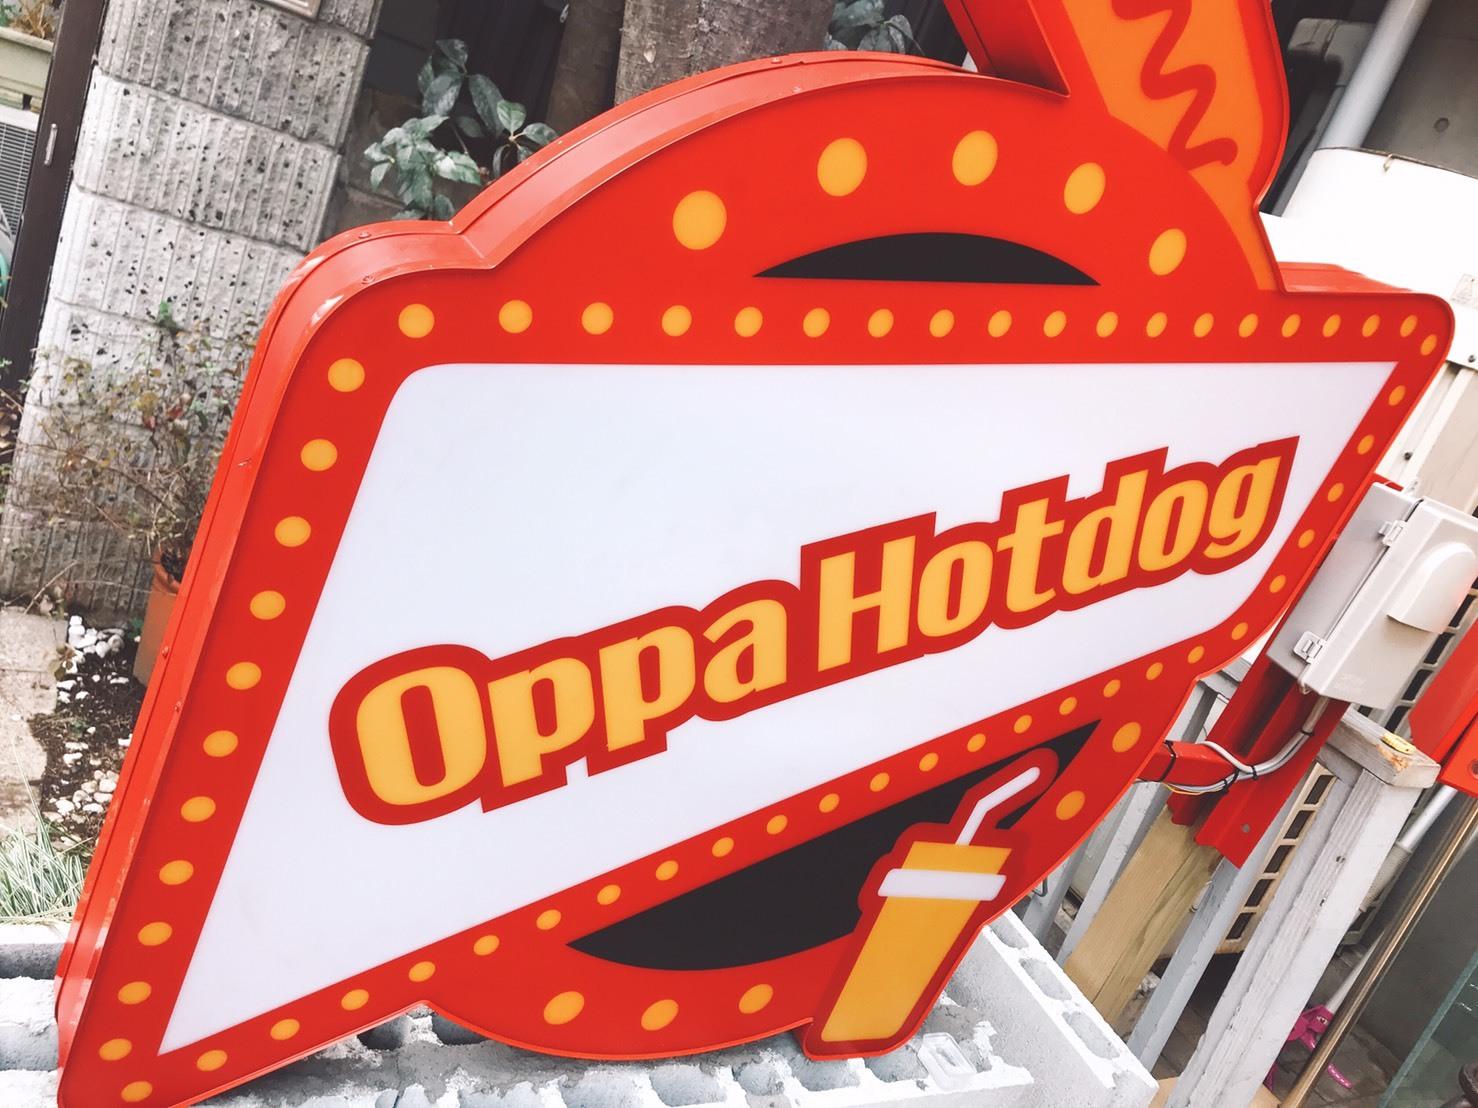 まるで韓国?!下北沢の可愛すぎるカフェに行ってみた!ヾ(о・ω・о)ノ吉田恵美2_1_1